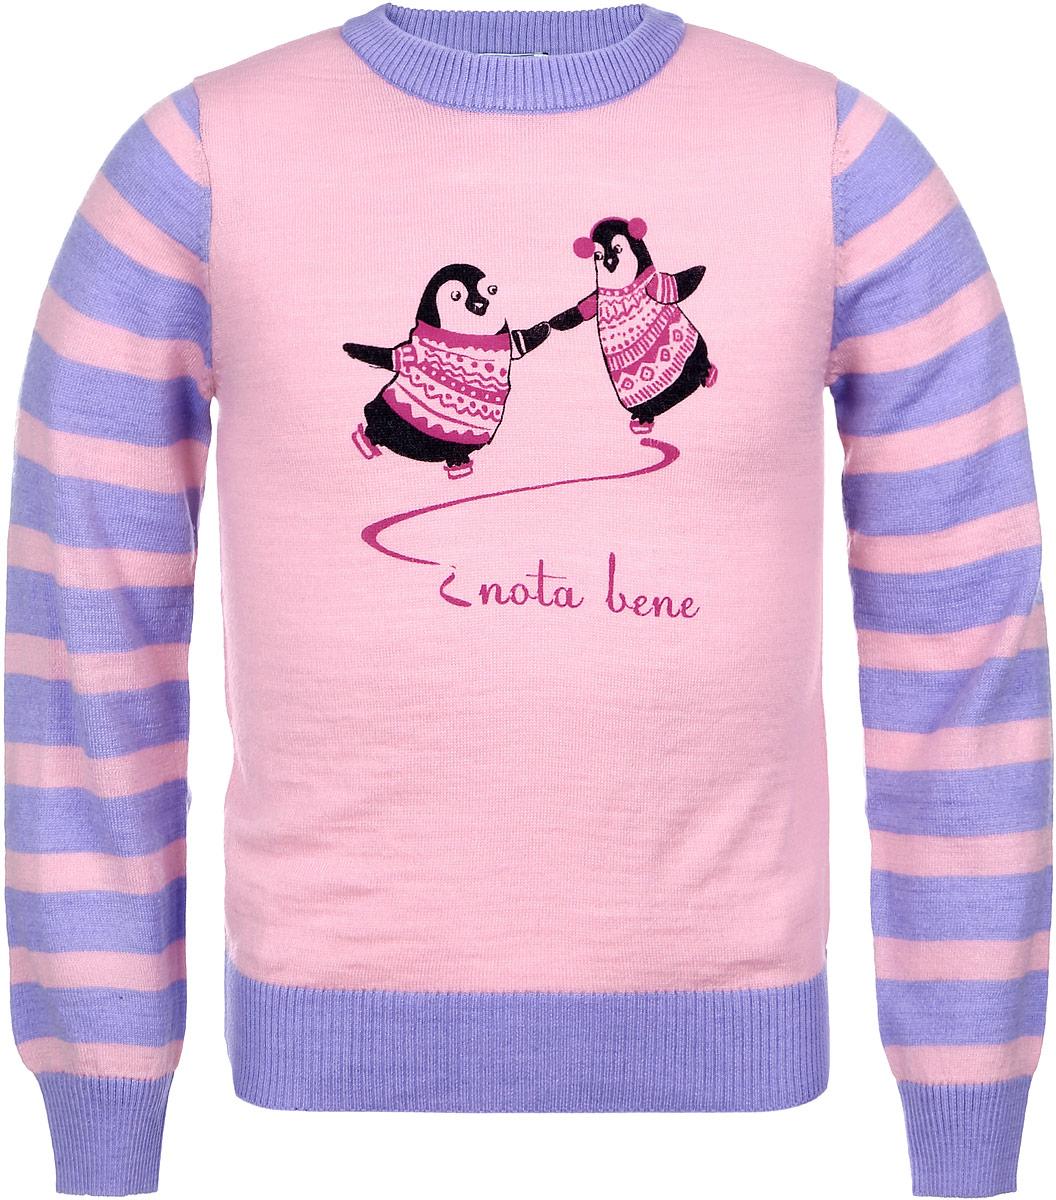 Джемпер для девочки Nota Bene, цвет: розовый, сиреневый. WK6441-56. Размер 128WK6441-56Модный джемпер для девочки Nota Bene подарит вашей маленькой принцессе комфорт и удобство в прохладные дни. Изготовленный из высококачественной комбинированной пряжи, он необычайно мягкий и приятный на ощупь, не сковывает движения малышки и позволяет коже дышать, не раздражает даже самую нежную и чувствительную детскую кожу, обеспечивая наибольший комфорт. Джемпер с длинными рукавами и круглым вырезом горловины превосходно тянется и отлично сидит. Горловина, манжеты рукавов и низ джемпера связаны резинкой. Джемпер украшен рисунком в виде двух пингвинов на коньках. Оригинальный современный дизайн и модная расцветка делают этот джемпер практичным и стильным предметом детского гардероба. В нем ваша дочурка будет чувствовать себя уютно и комфортно и всегда будет в центре внимания!